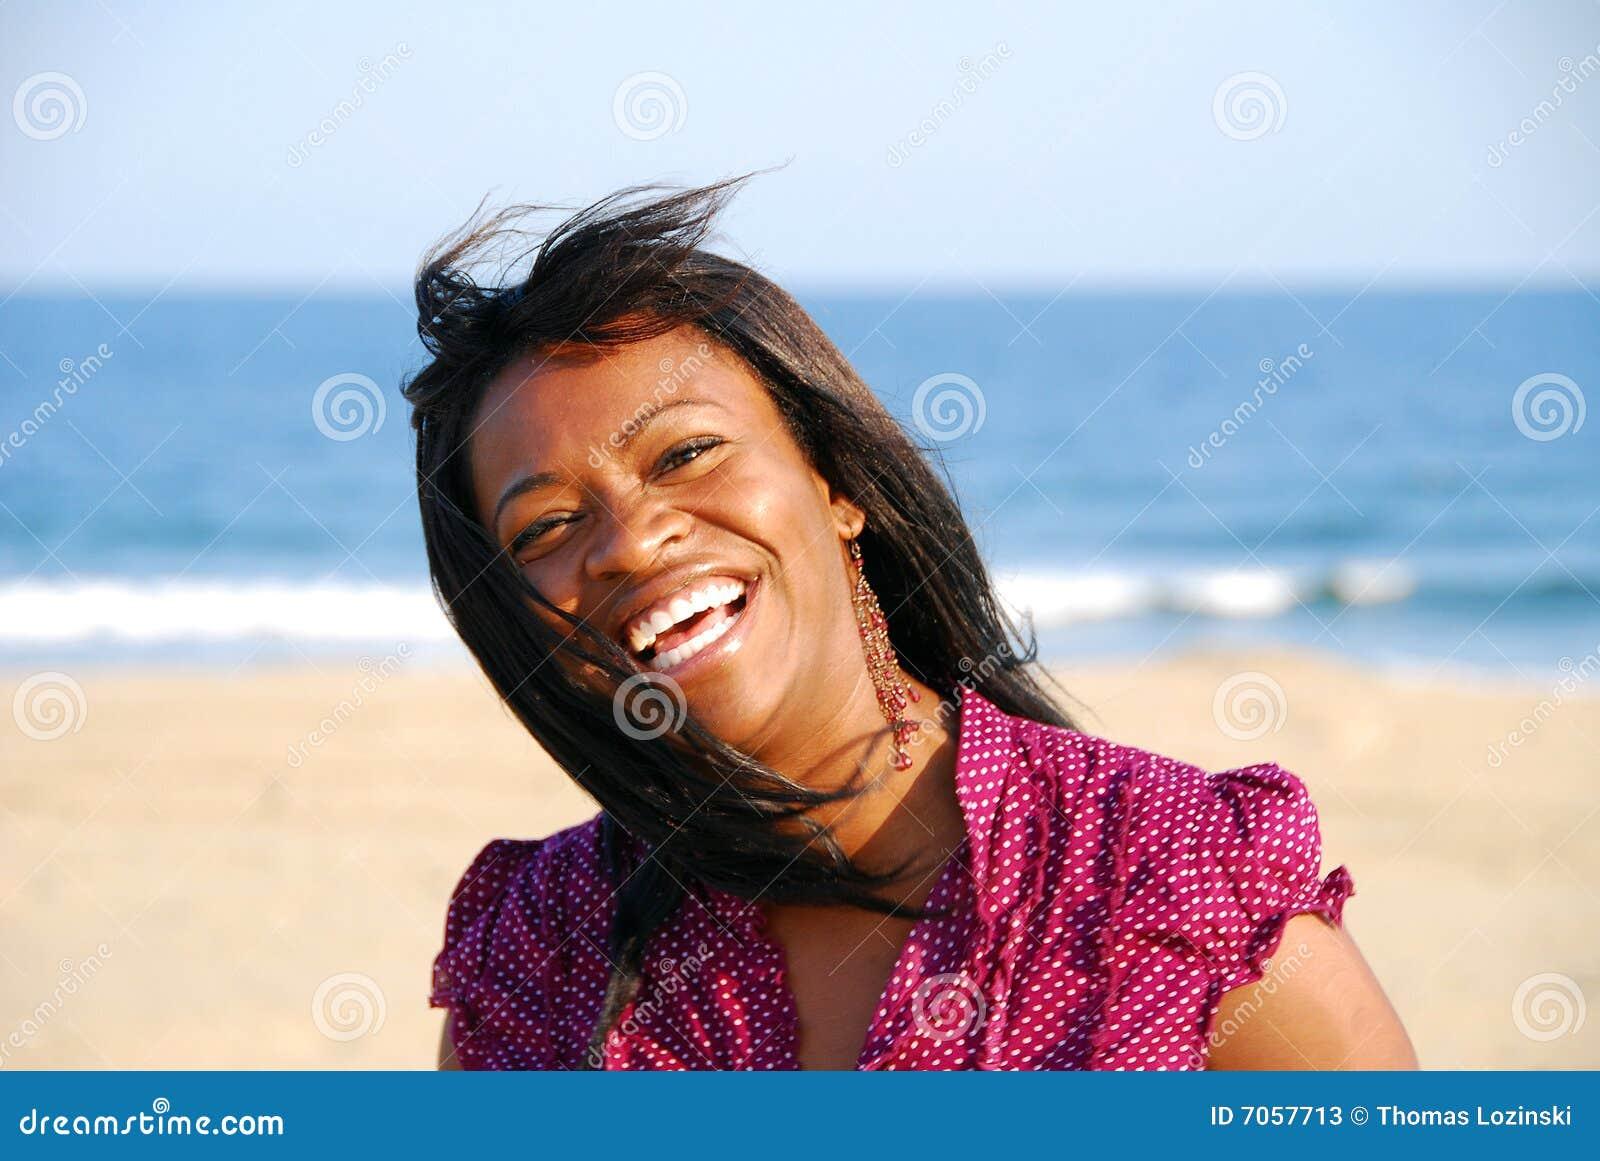 Jolie fille sur la plage